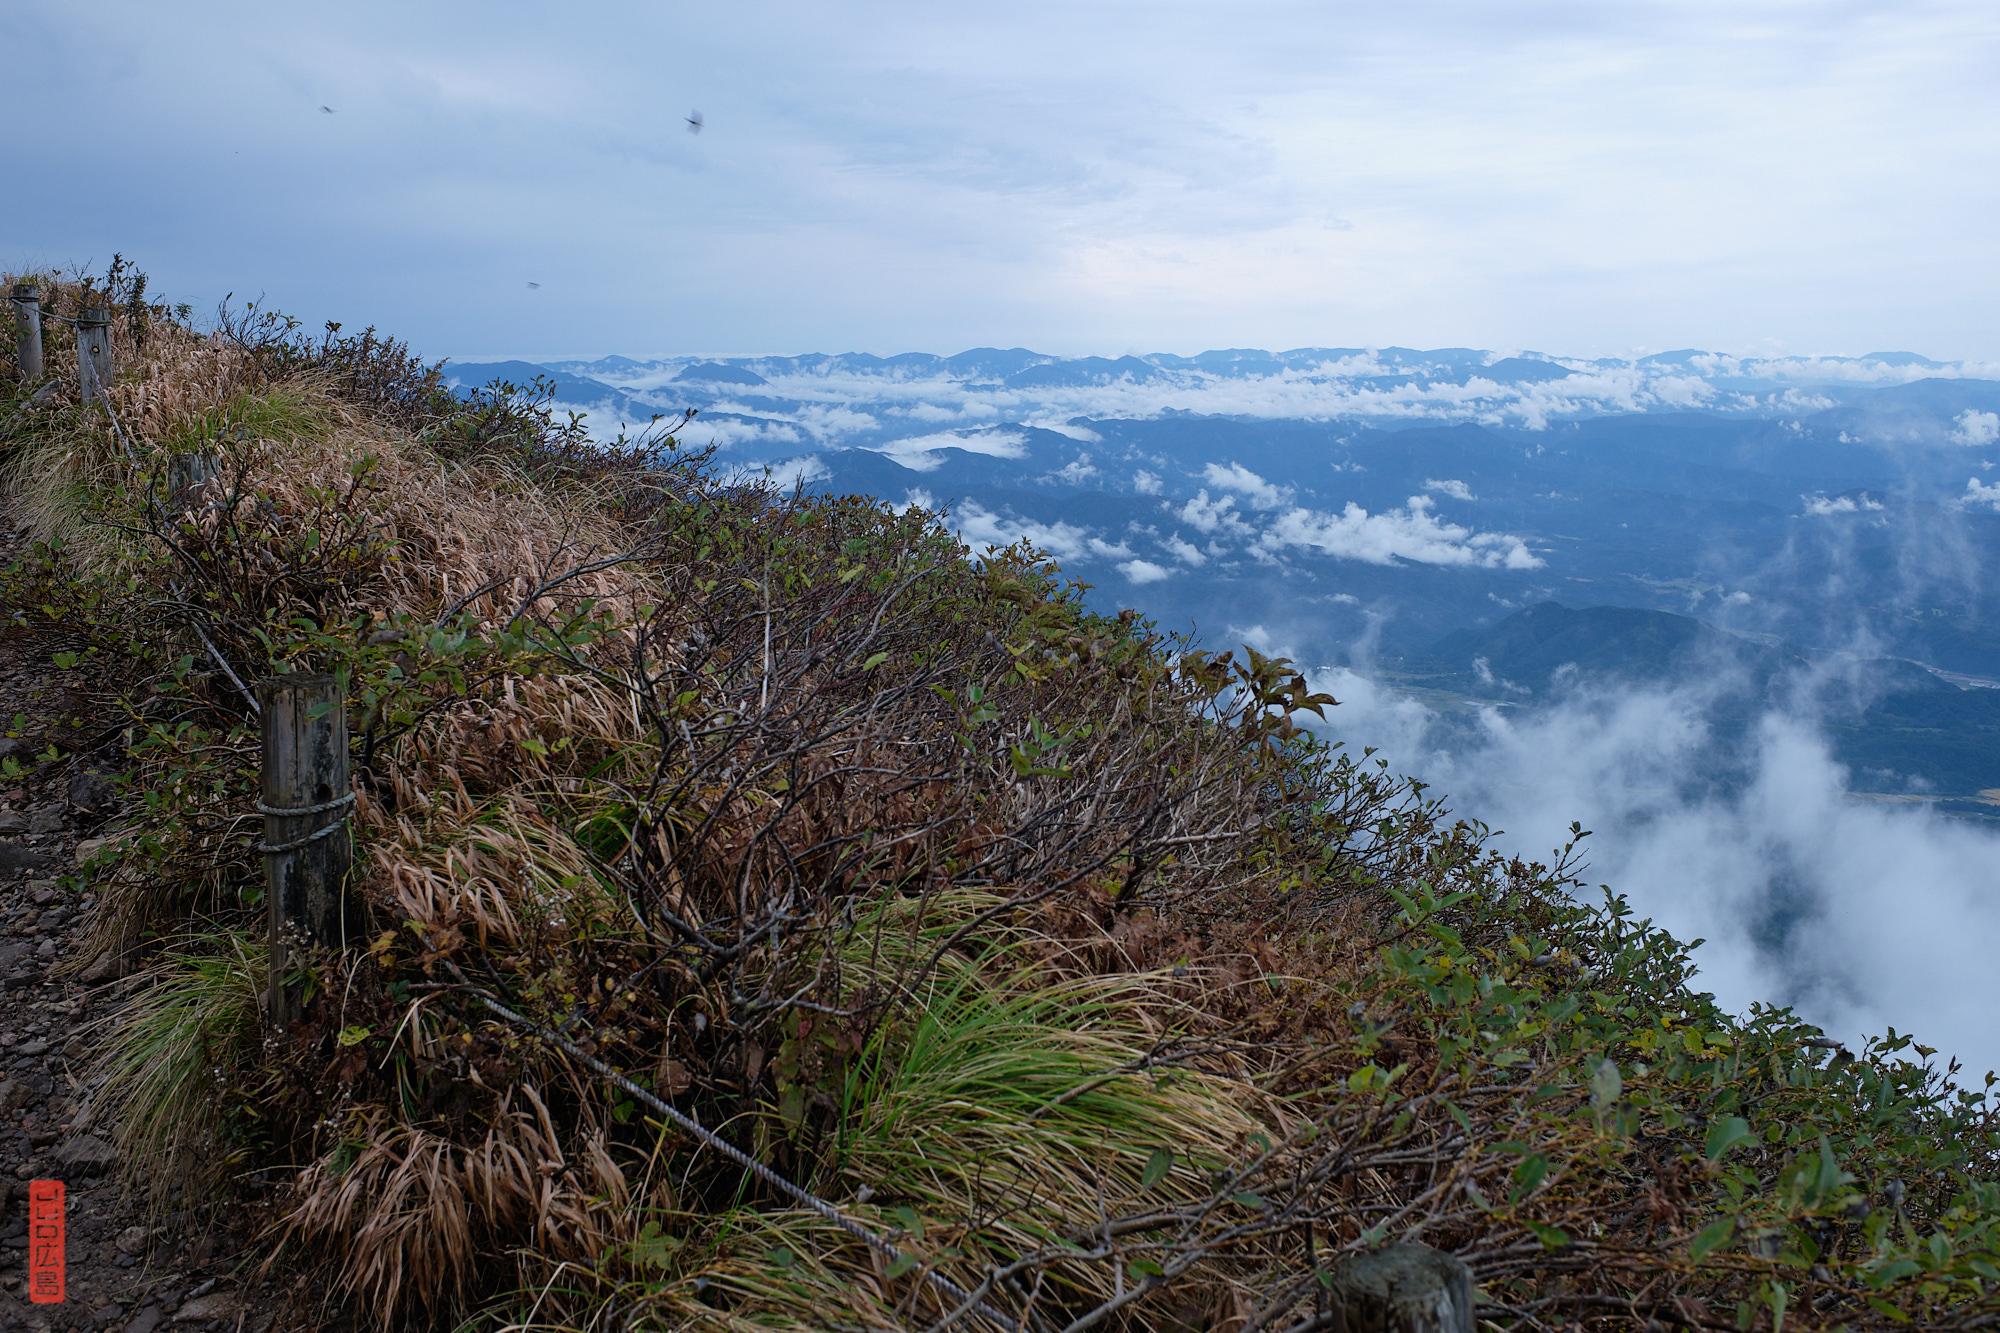 sommet du mont Daisen, au-dessus des nuages